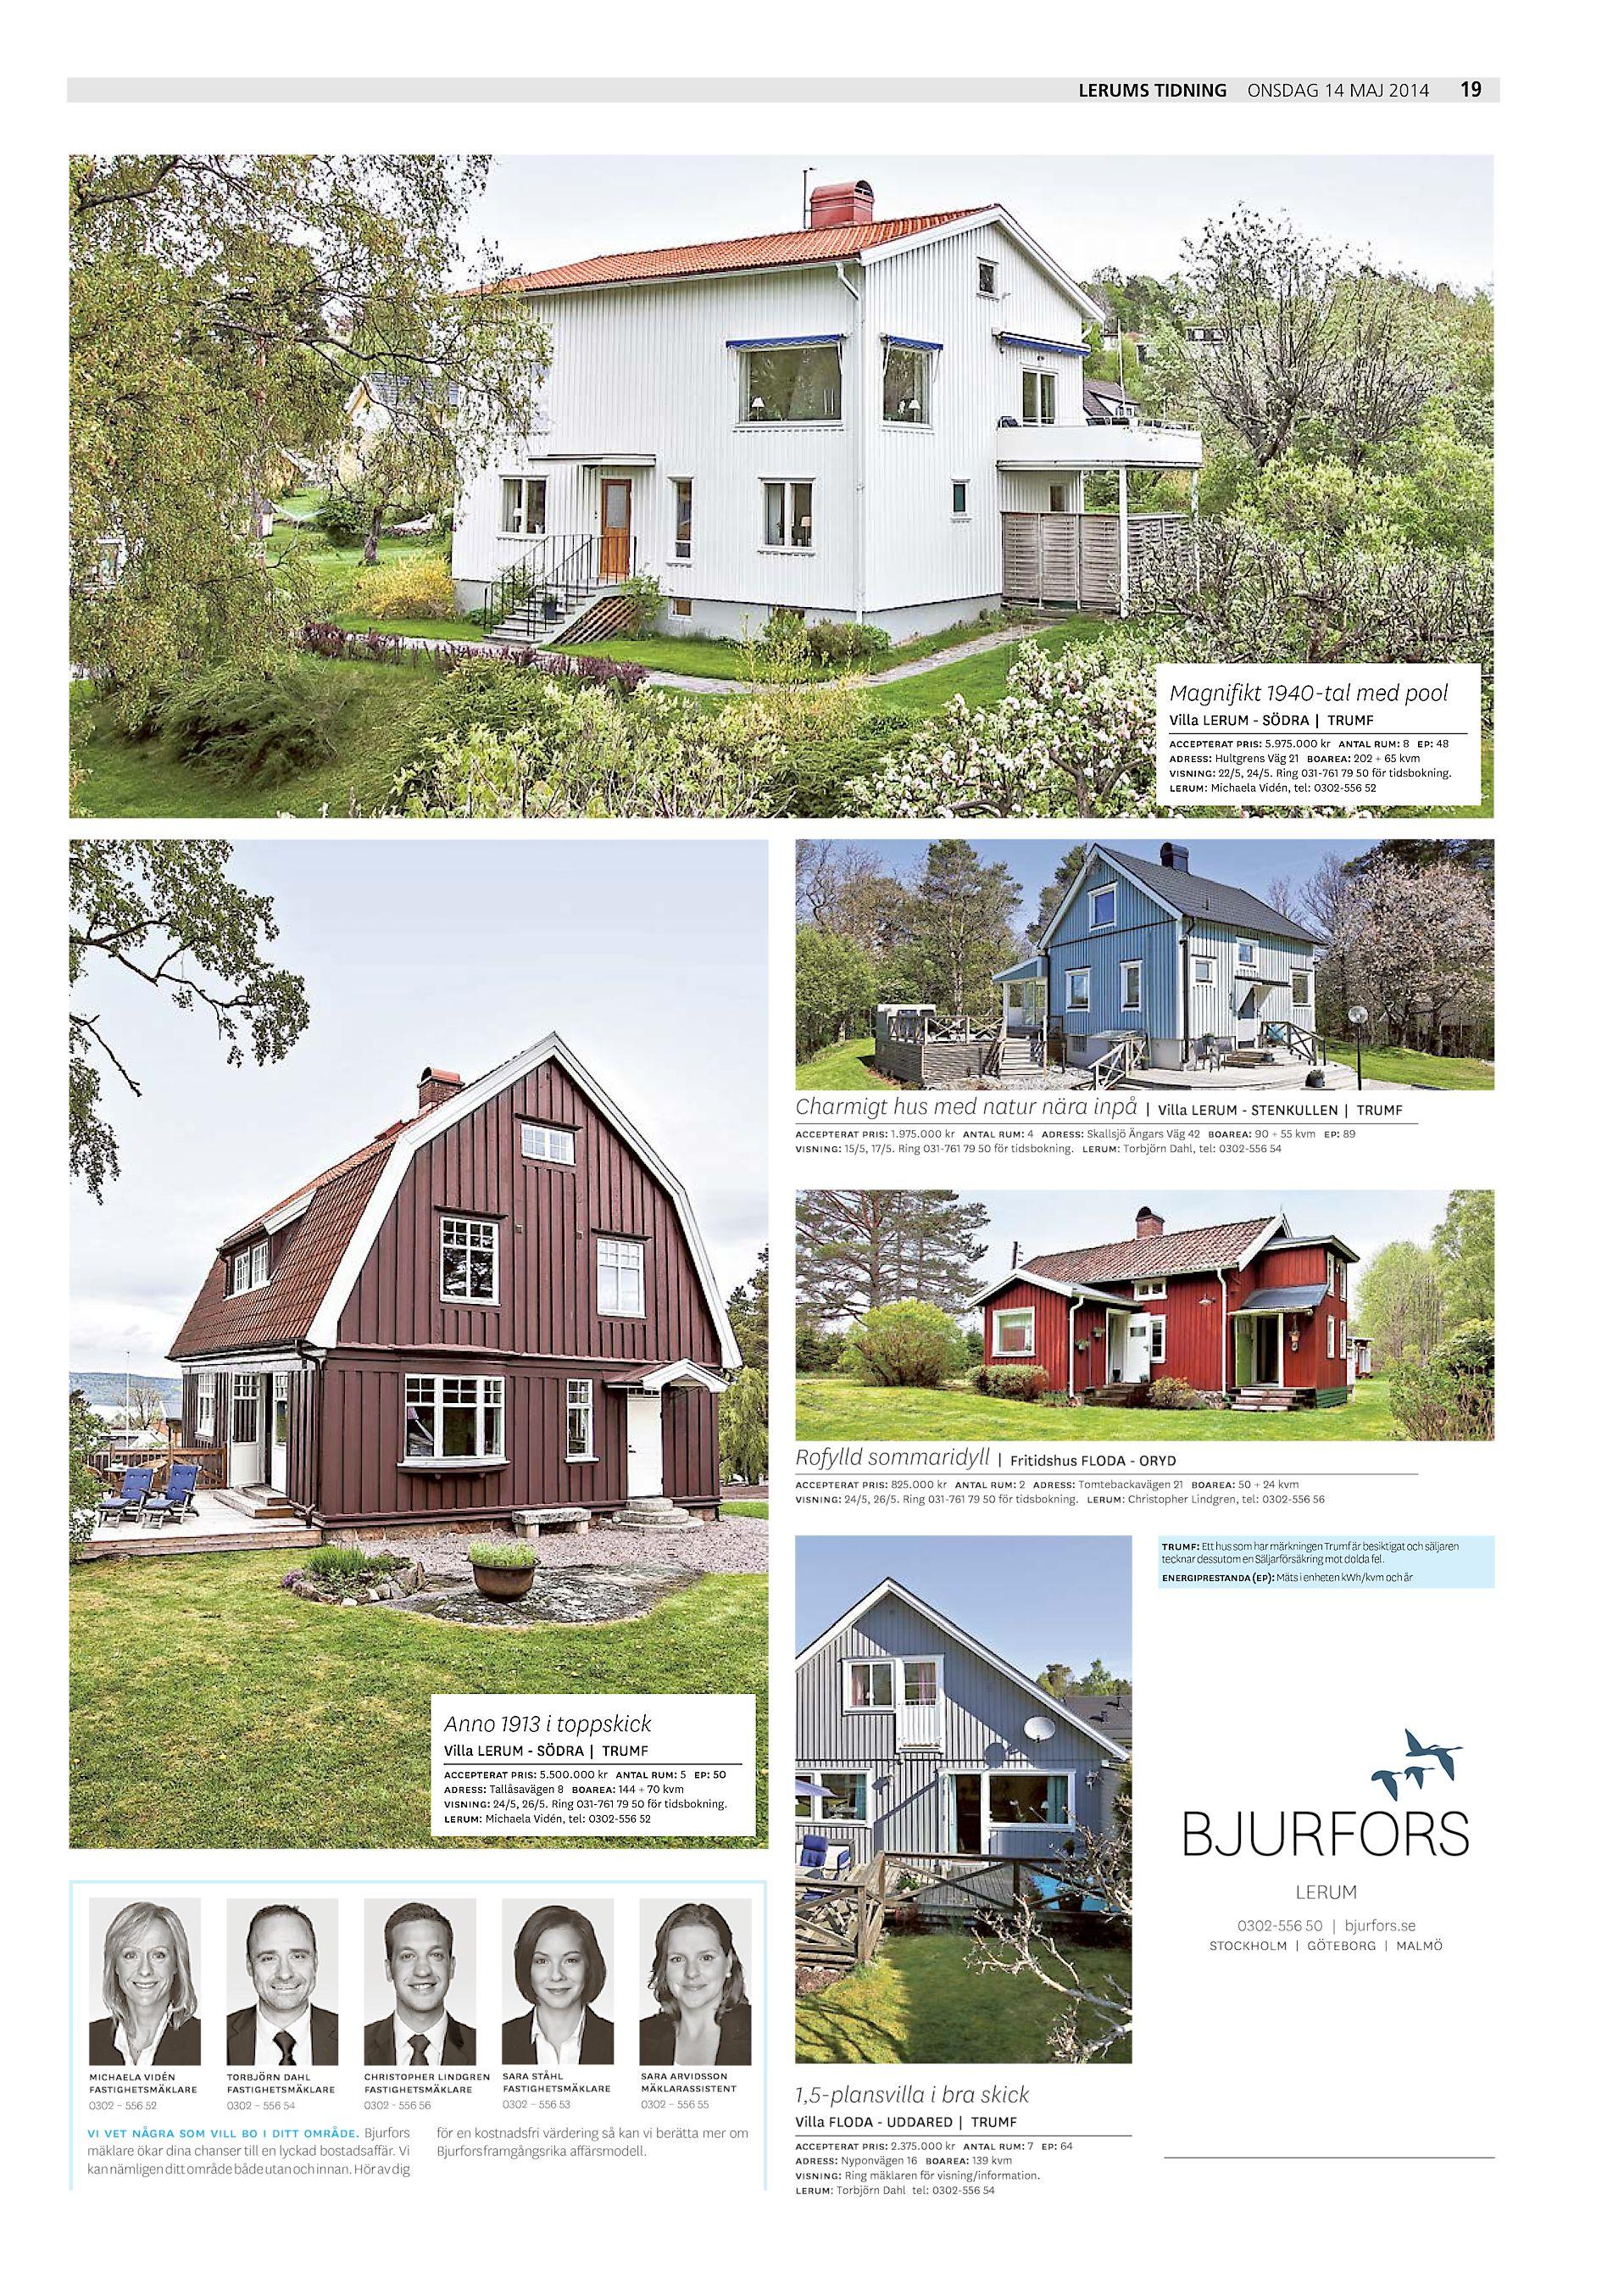 348cd4f143cd Lerums tidning LT-2014-05-14 (endast text)